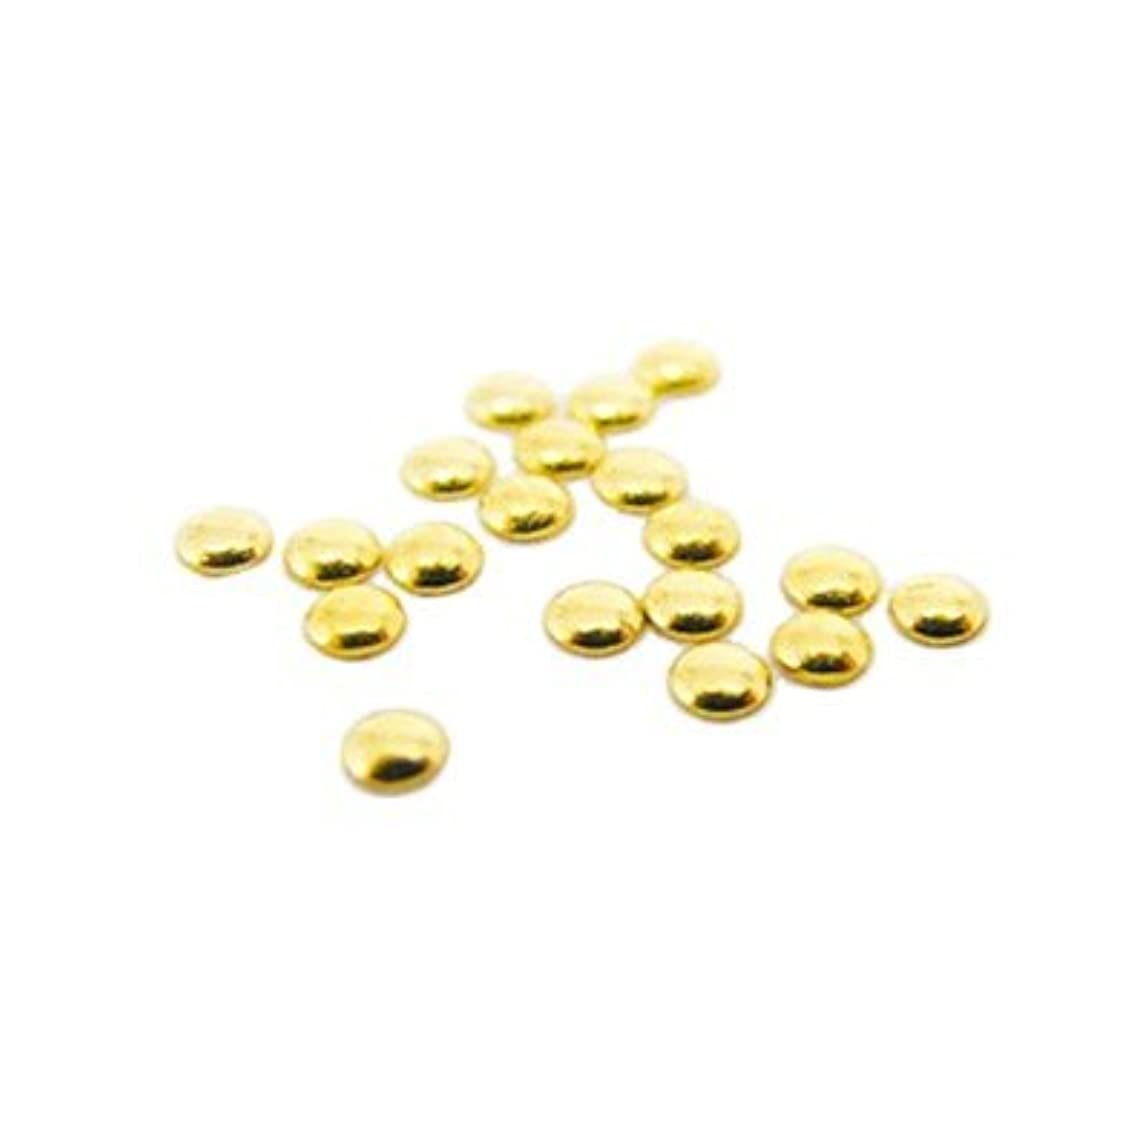 生物学ロシアピービッシュピアドラ スタッズ 2.0mm 50P ゴールド